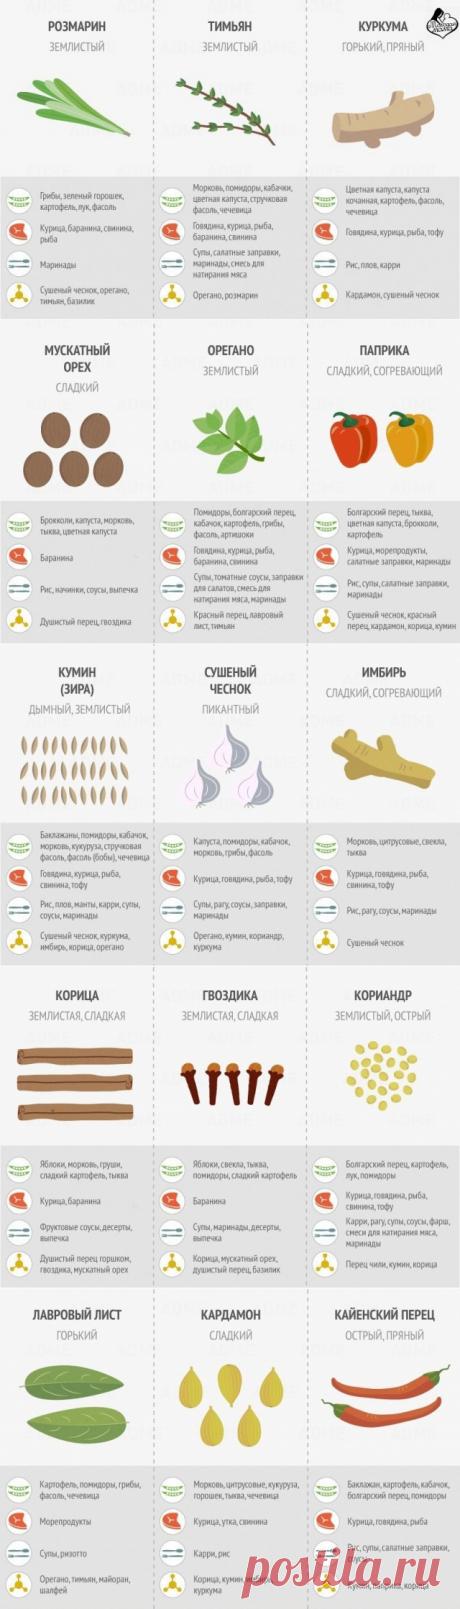 Классная шпаргалка по использованию специй — Полезные советы